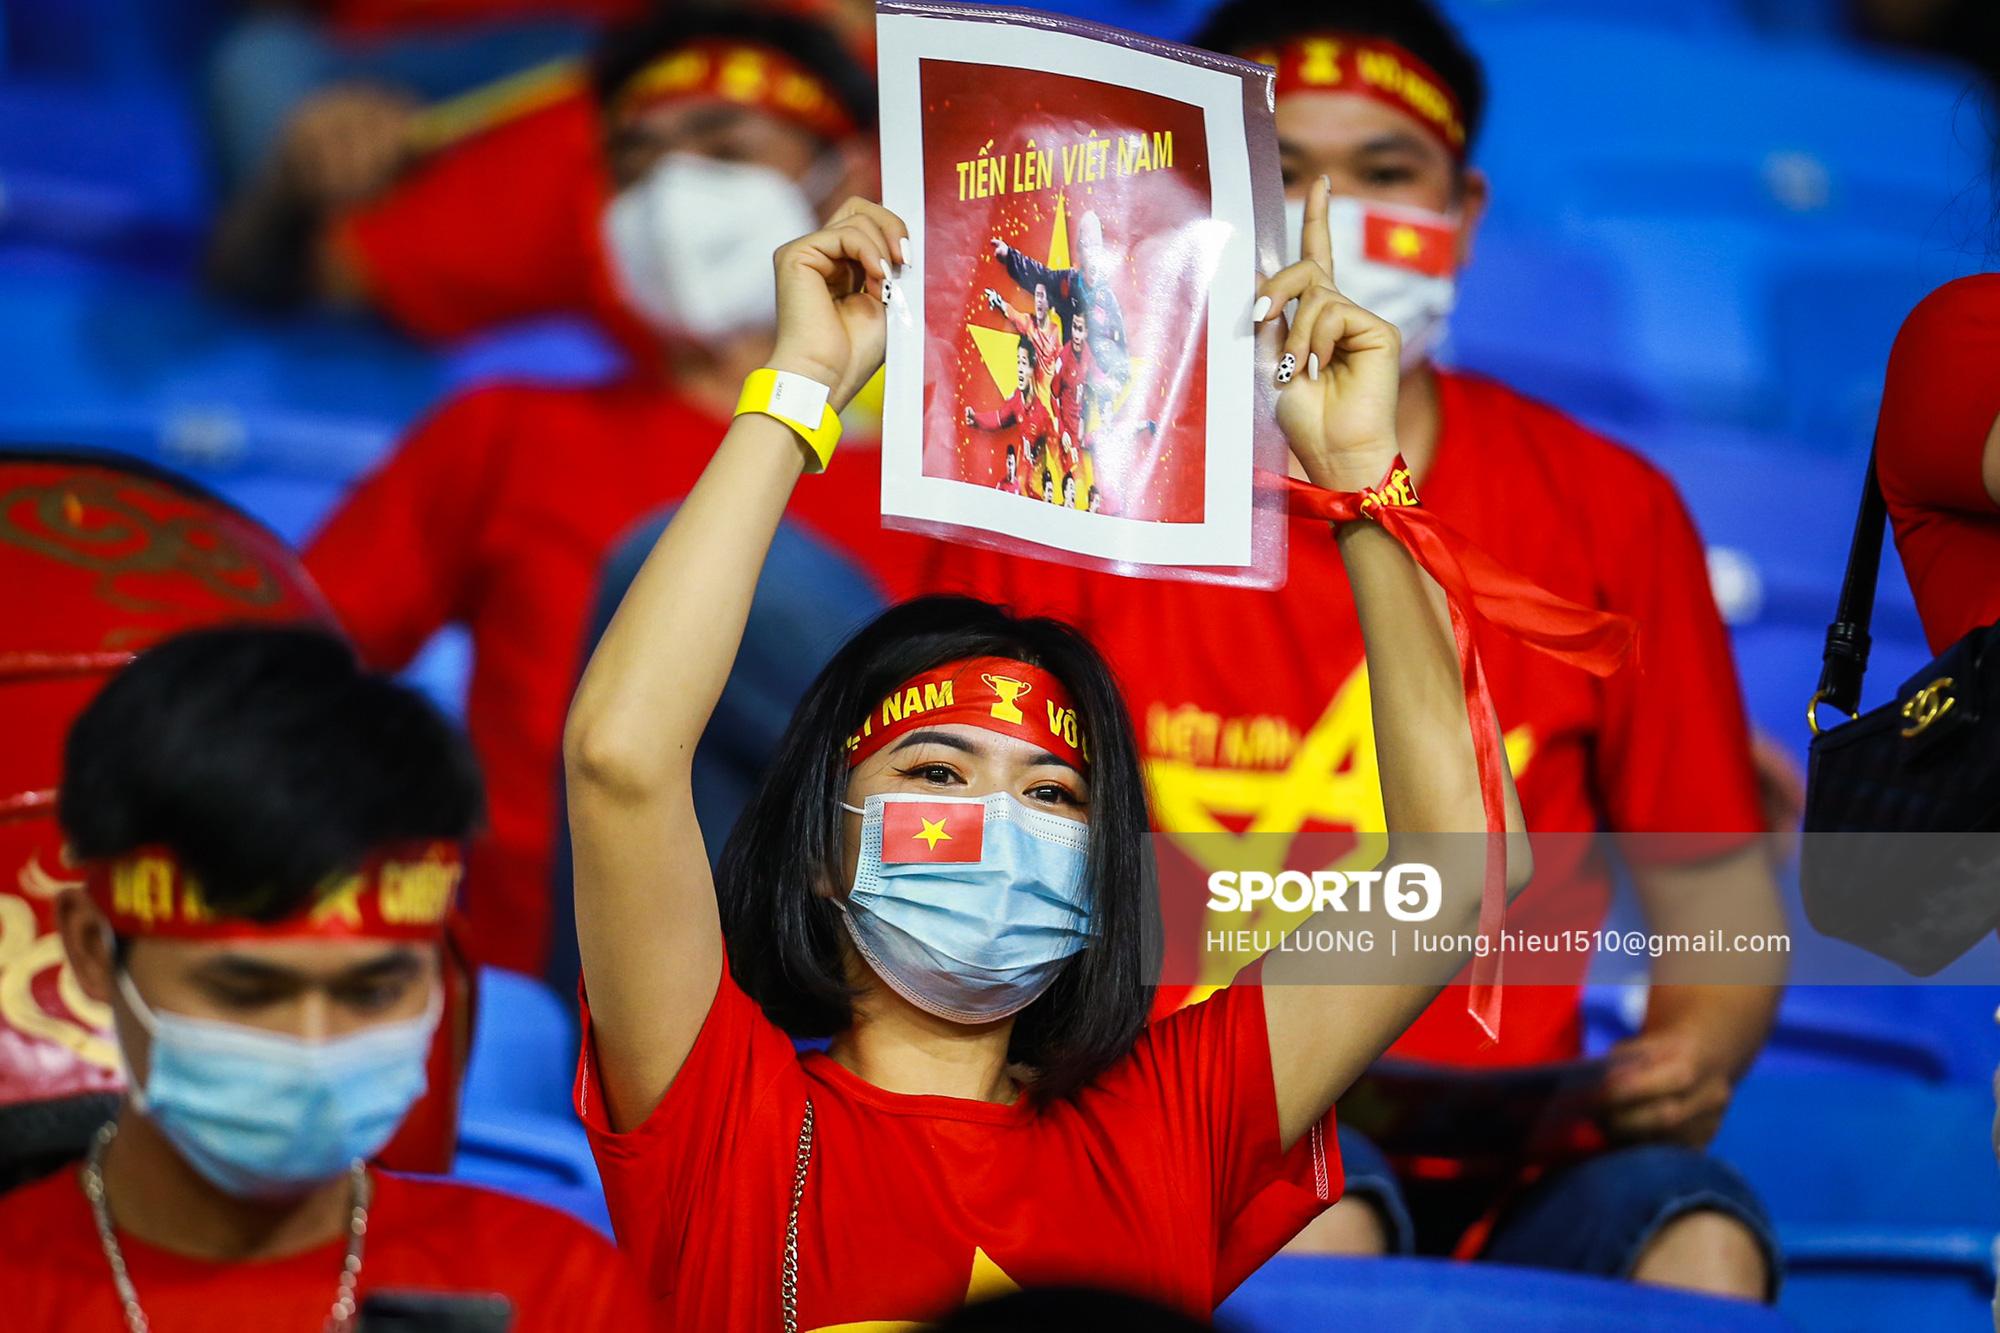 Chùm ảnh tuyển Việt Nam hân hoan với niềm vui chiến thắng Malaysia - ảnh 3